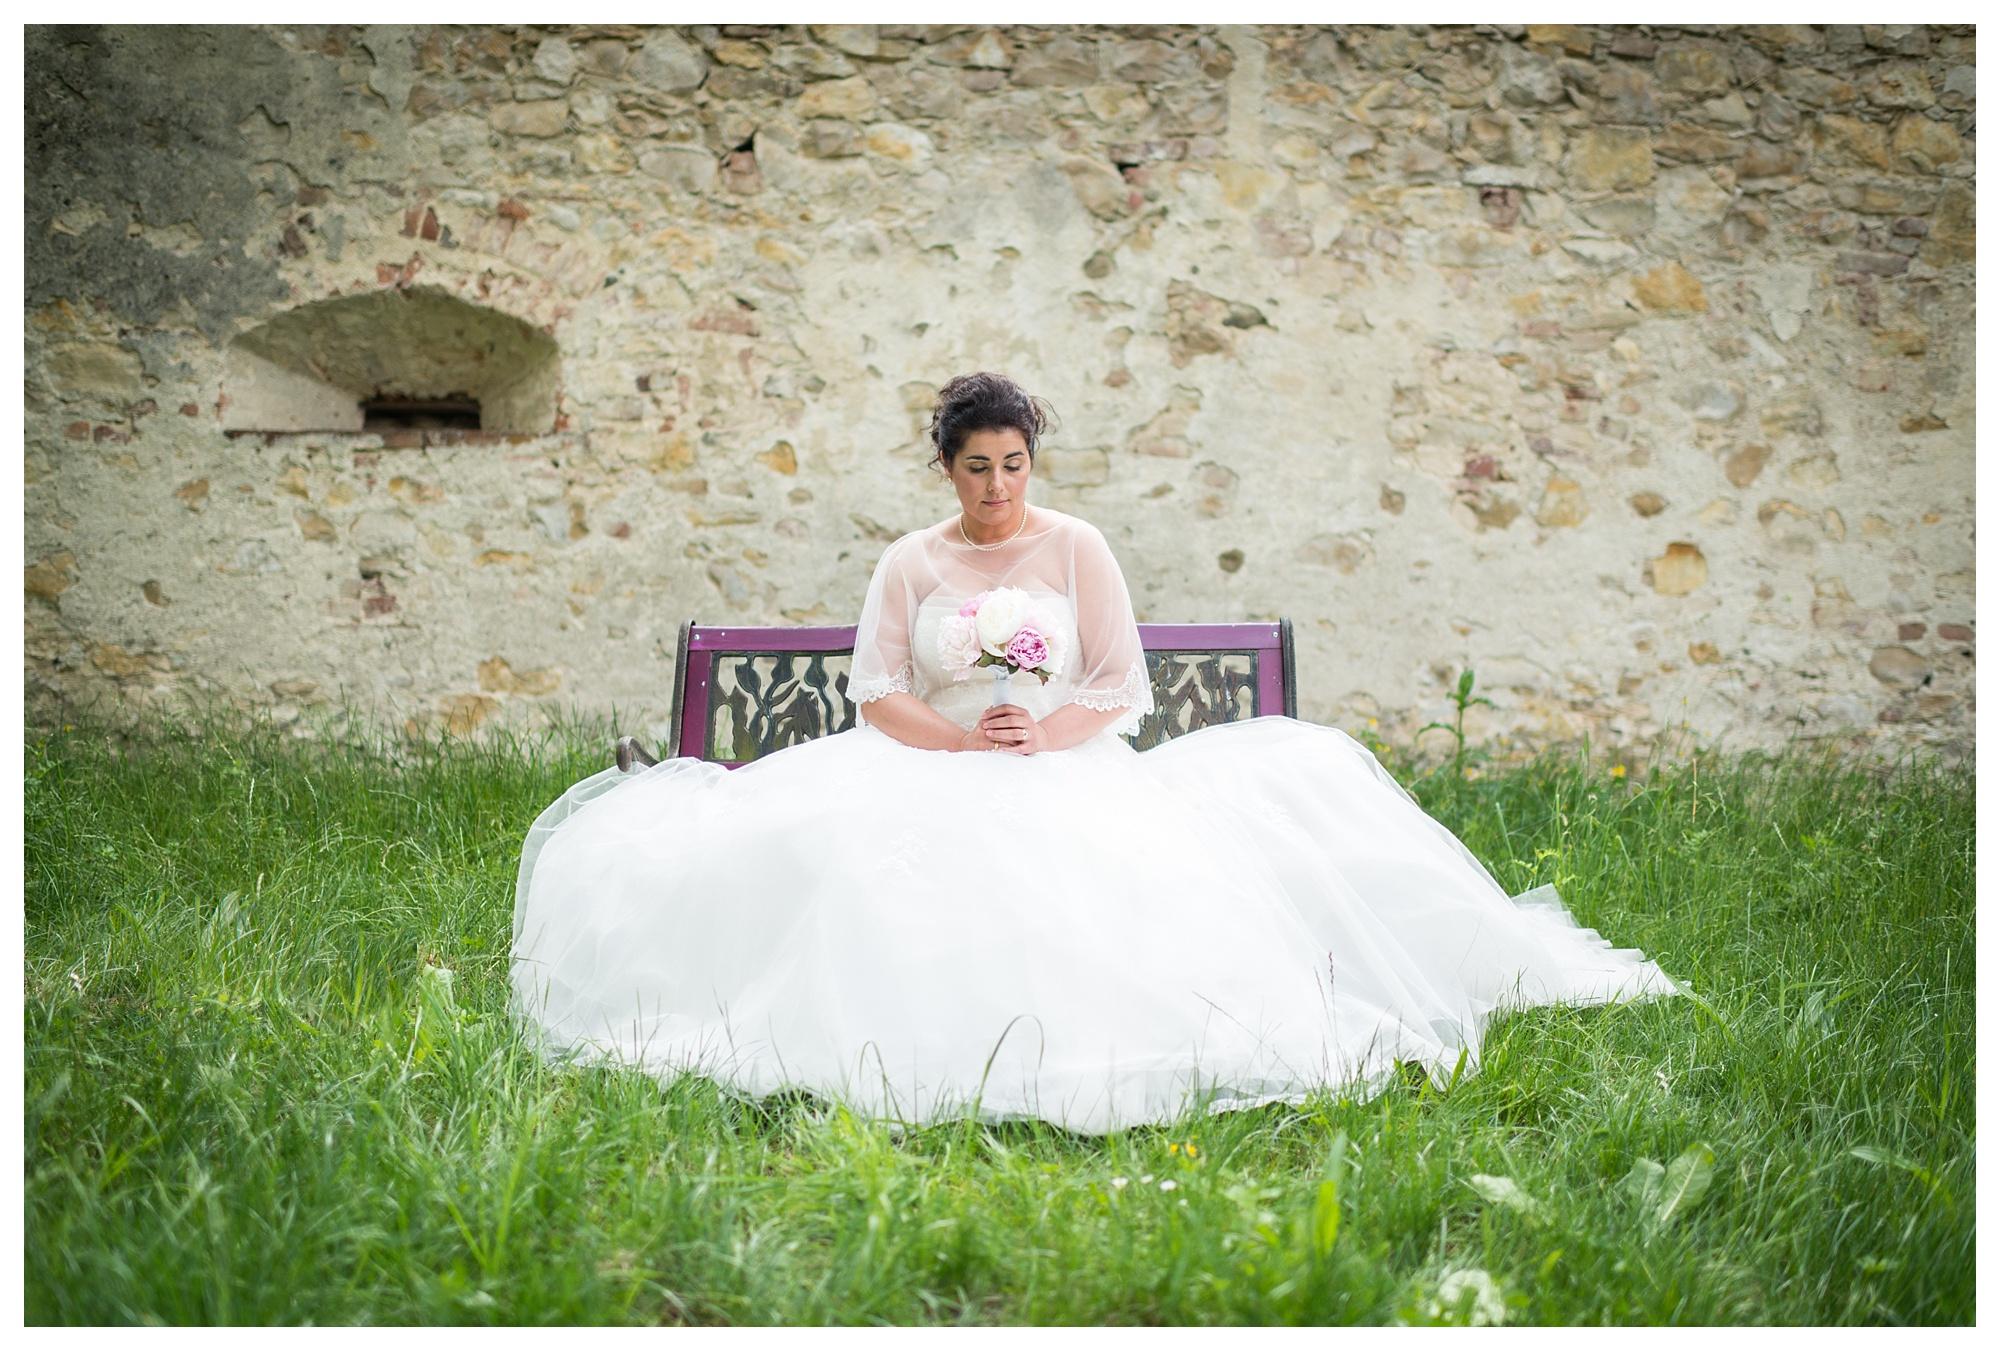 Fotograf Konstanz - Hochzeit Tanja Elmar Elmar Feuerbacher Photography Konstanz Messkirch Highlights 068 - Hochzeitsreportage von Tanja und Elmar im Schloss Meßkirch  - 170 -